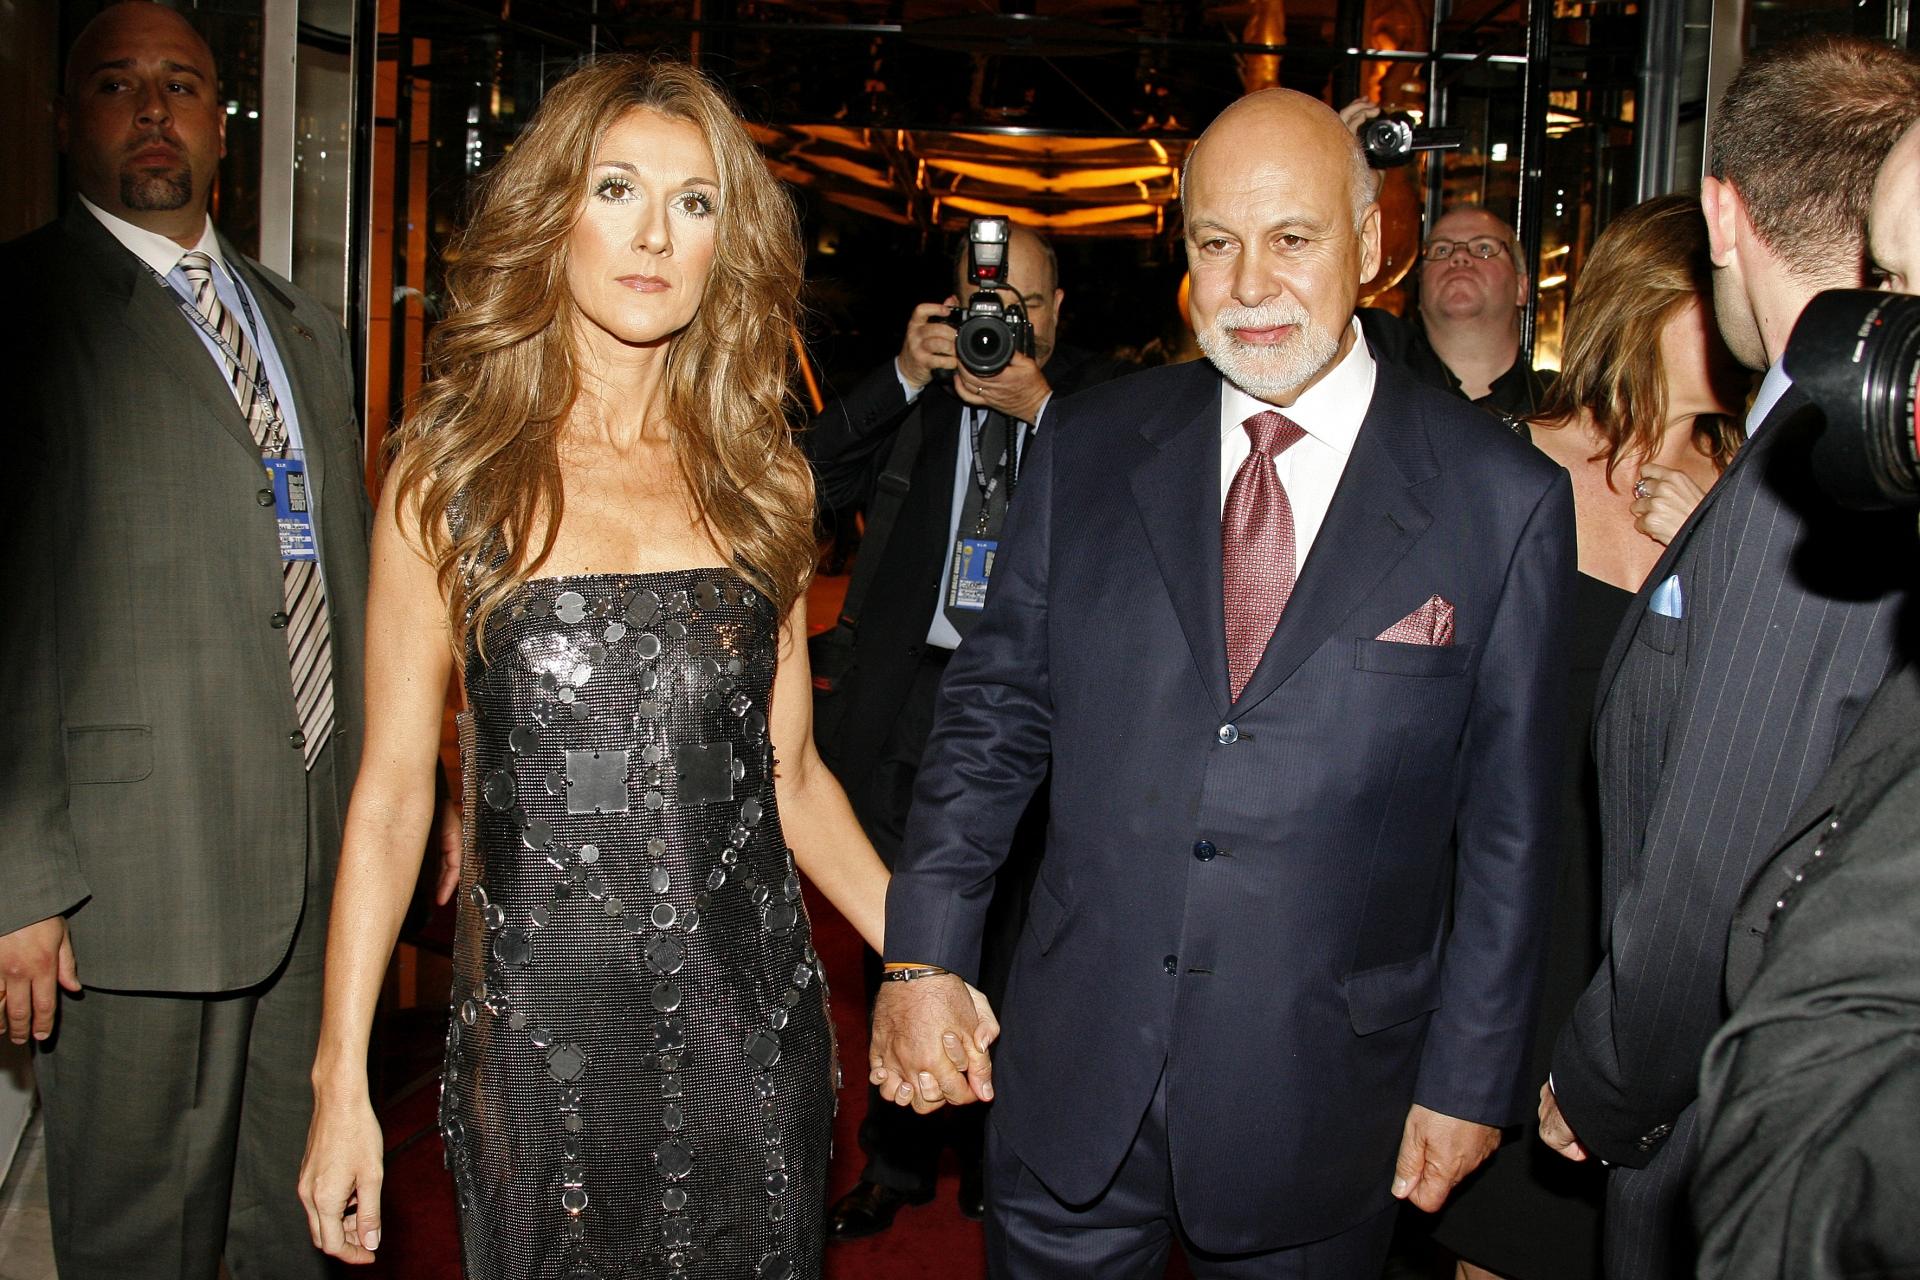 Celine Dion i-a adus un omagiu fostului ei soț pe scena din Las Vegas